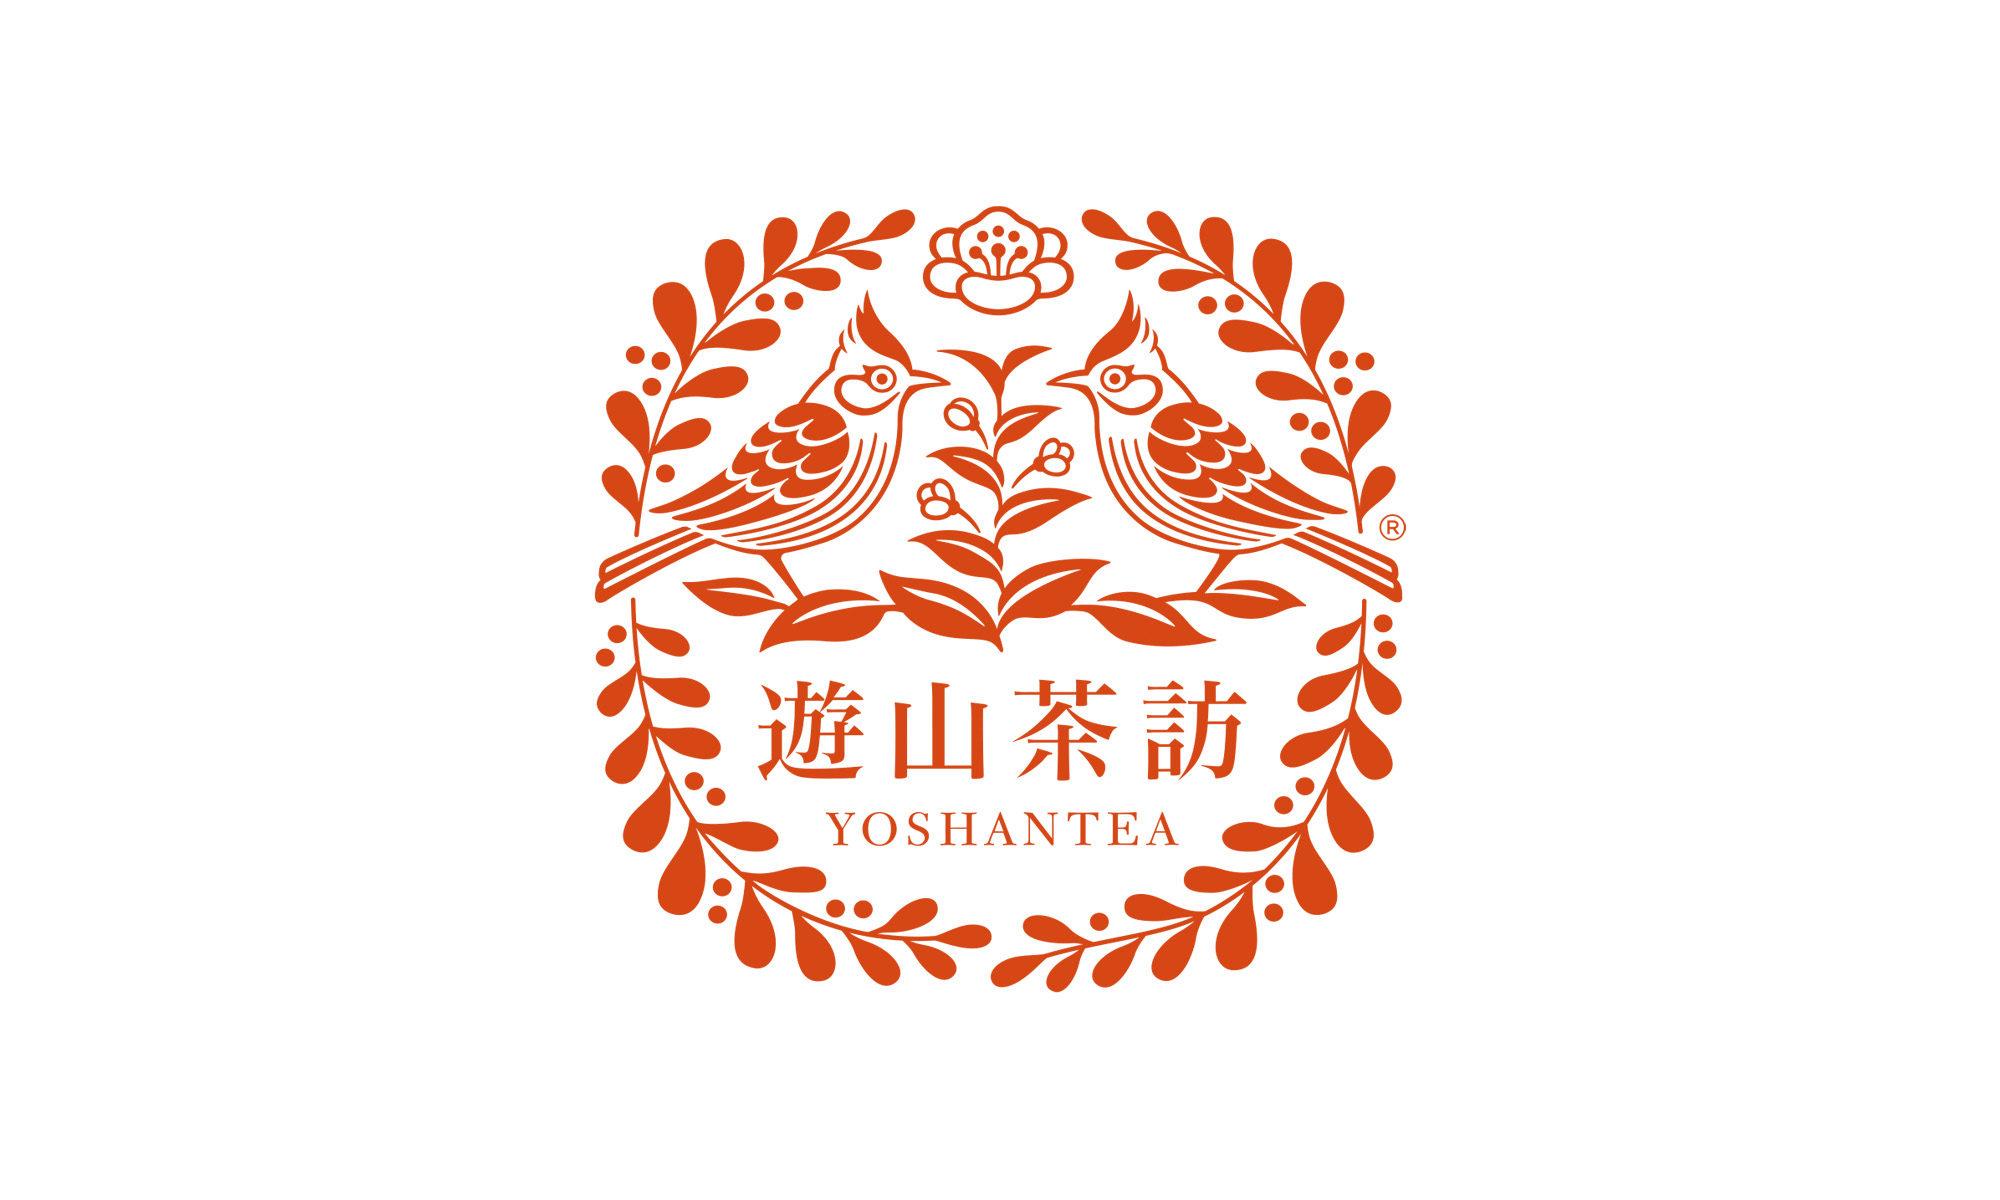 遊山茶訪株式会社